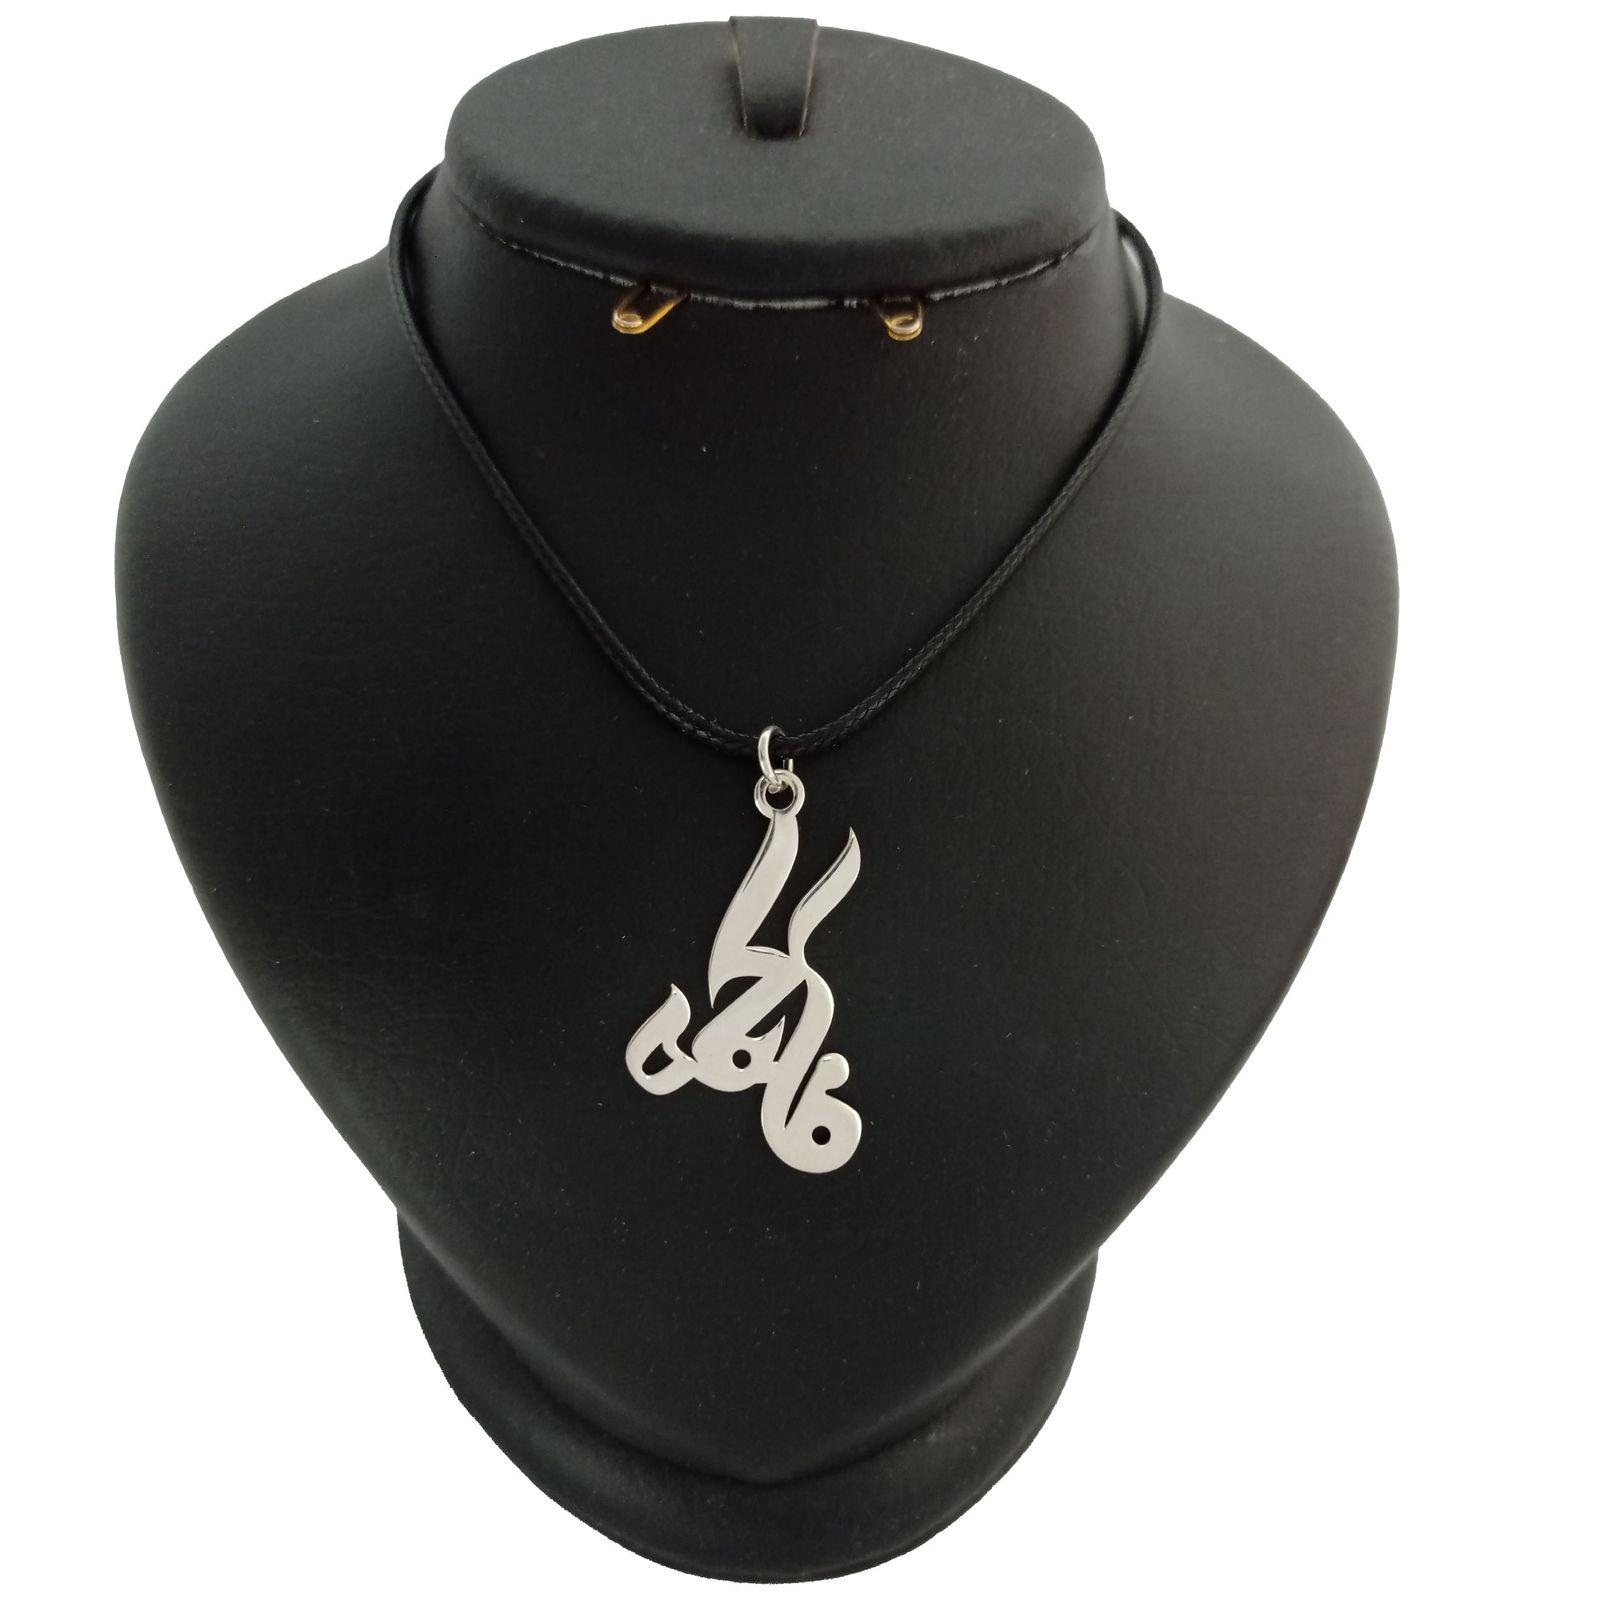 گردنبند نقره زنانه ترمه 1 طرح فاطمه کد mas 0038 -  - 2